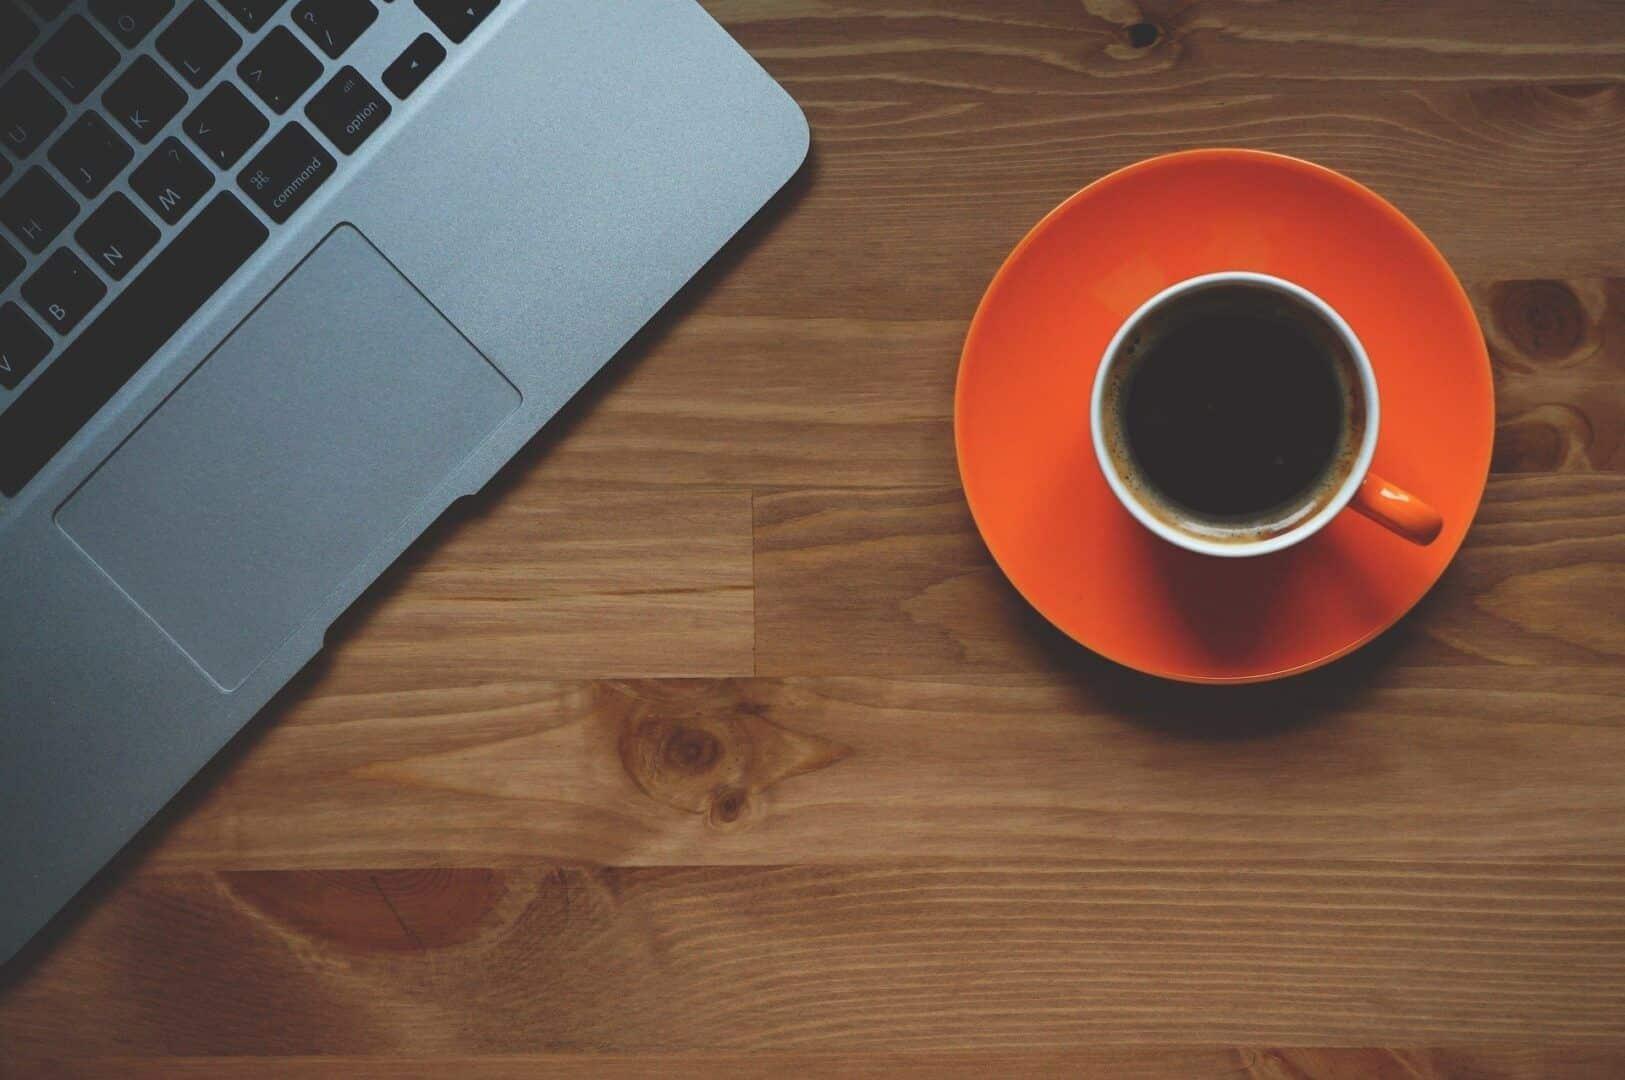 Fotografia de um café preto numa mesa com notebook para ilustração do item